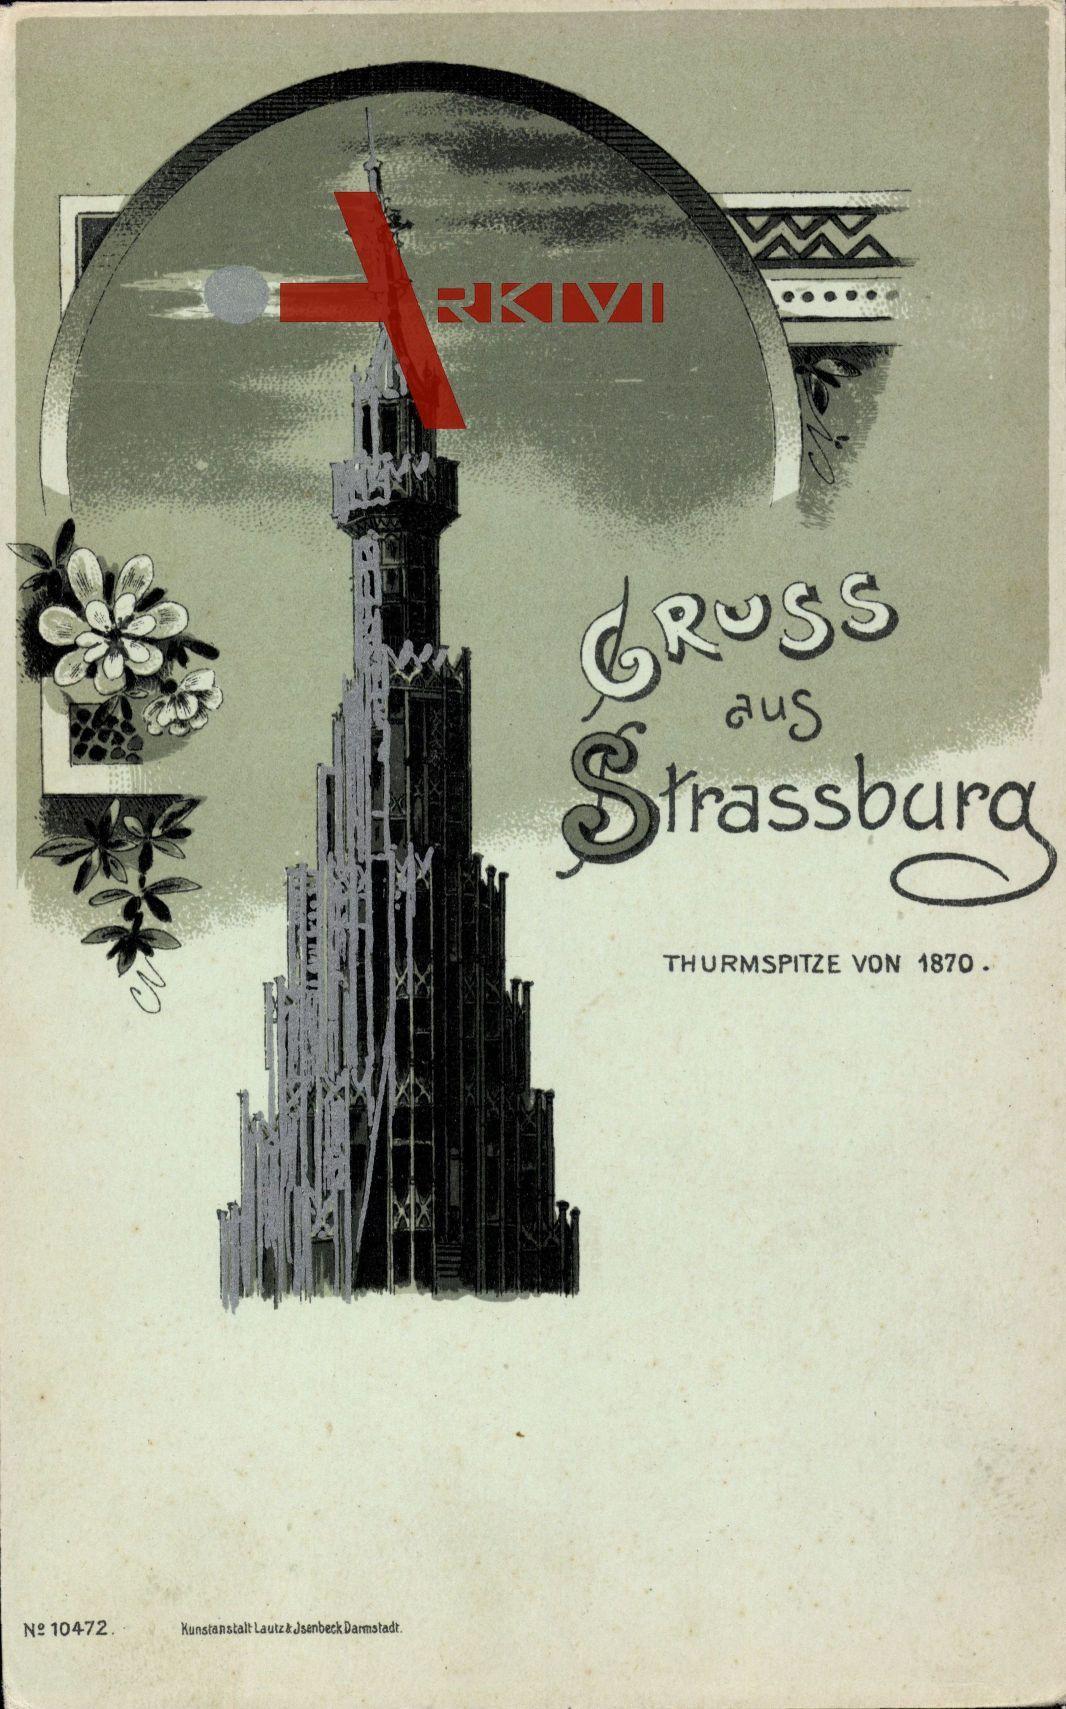 Strassburg Elsass Bas Rhin, Turmspitze von 1870, Mondschein